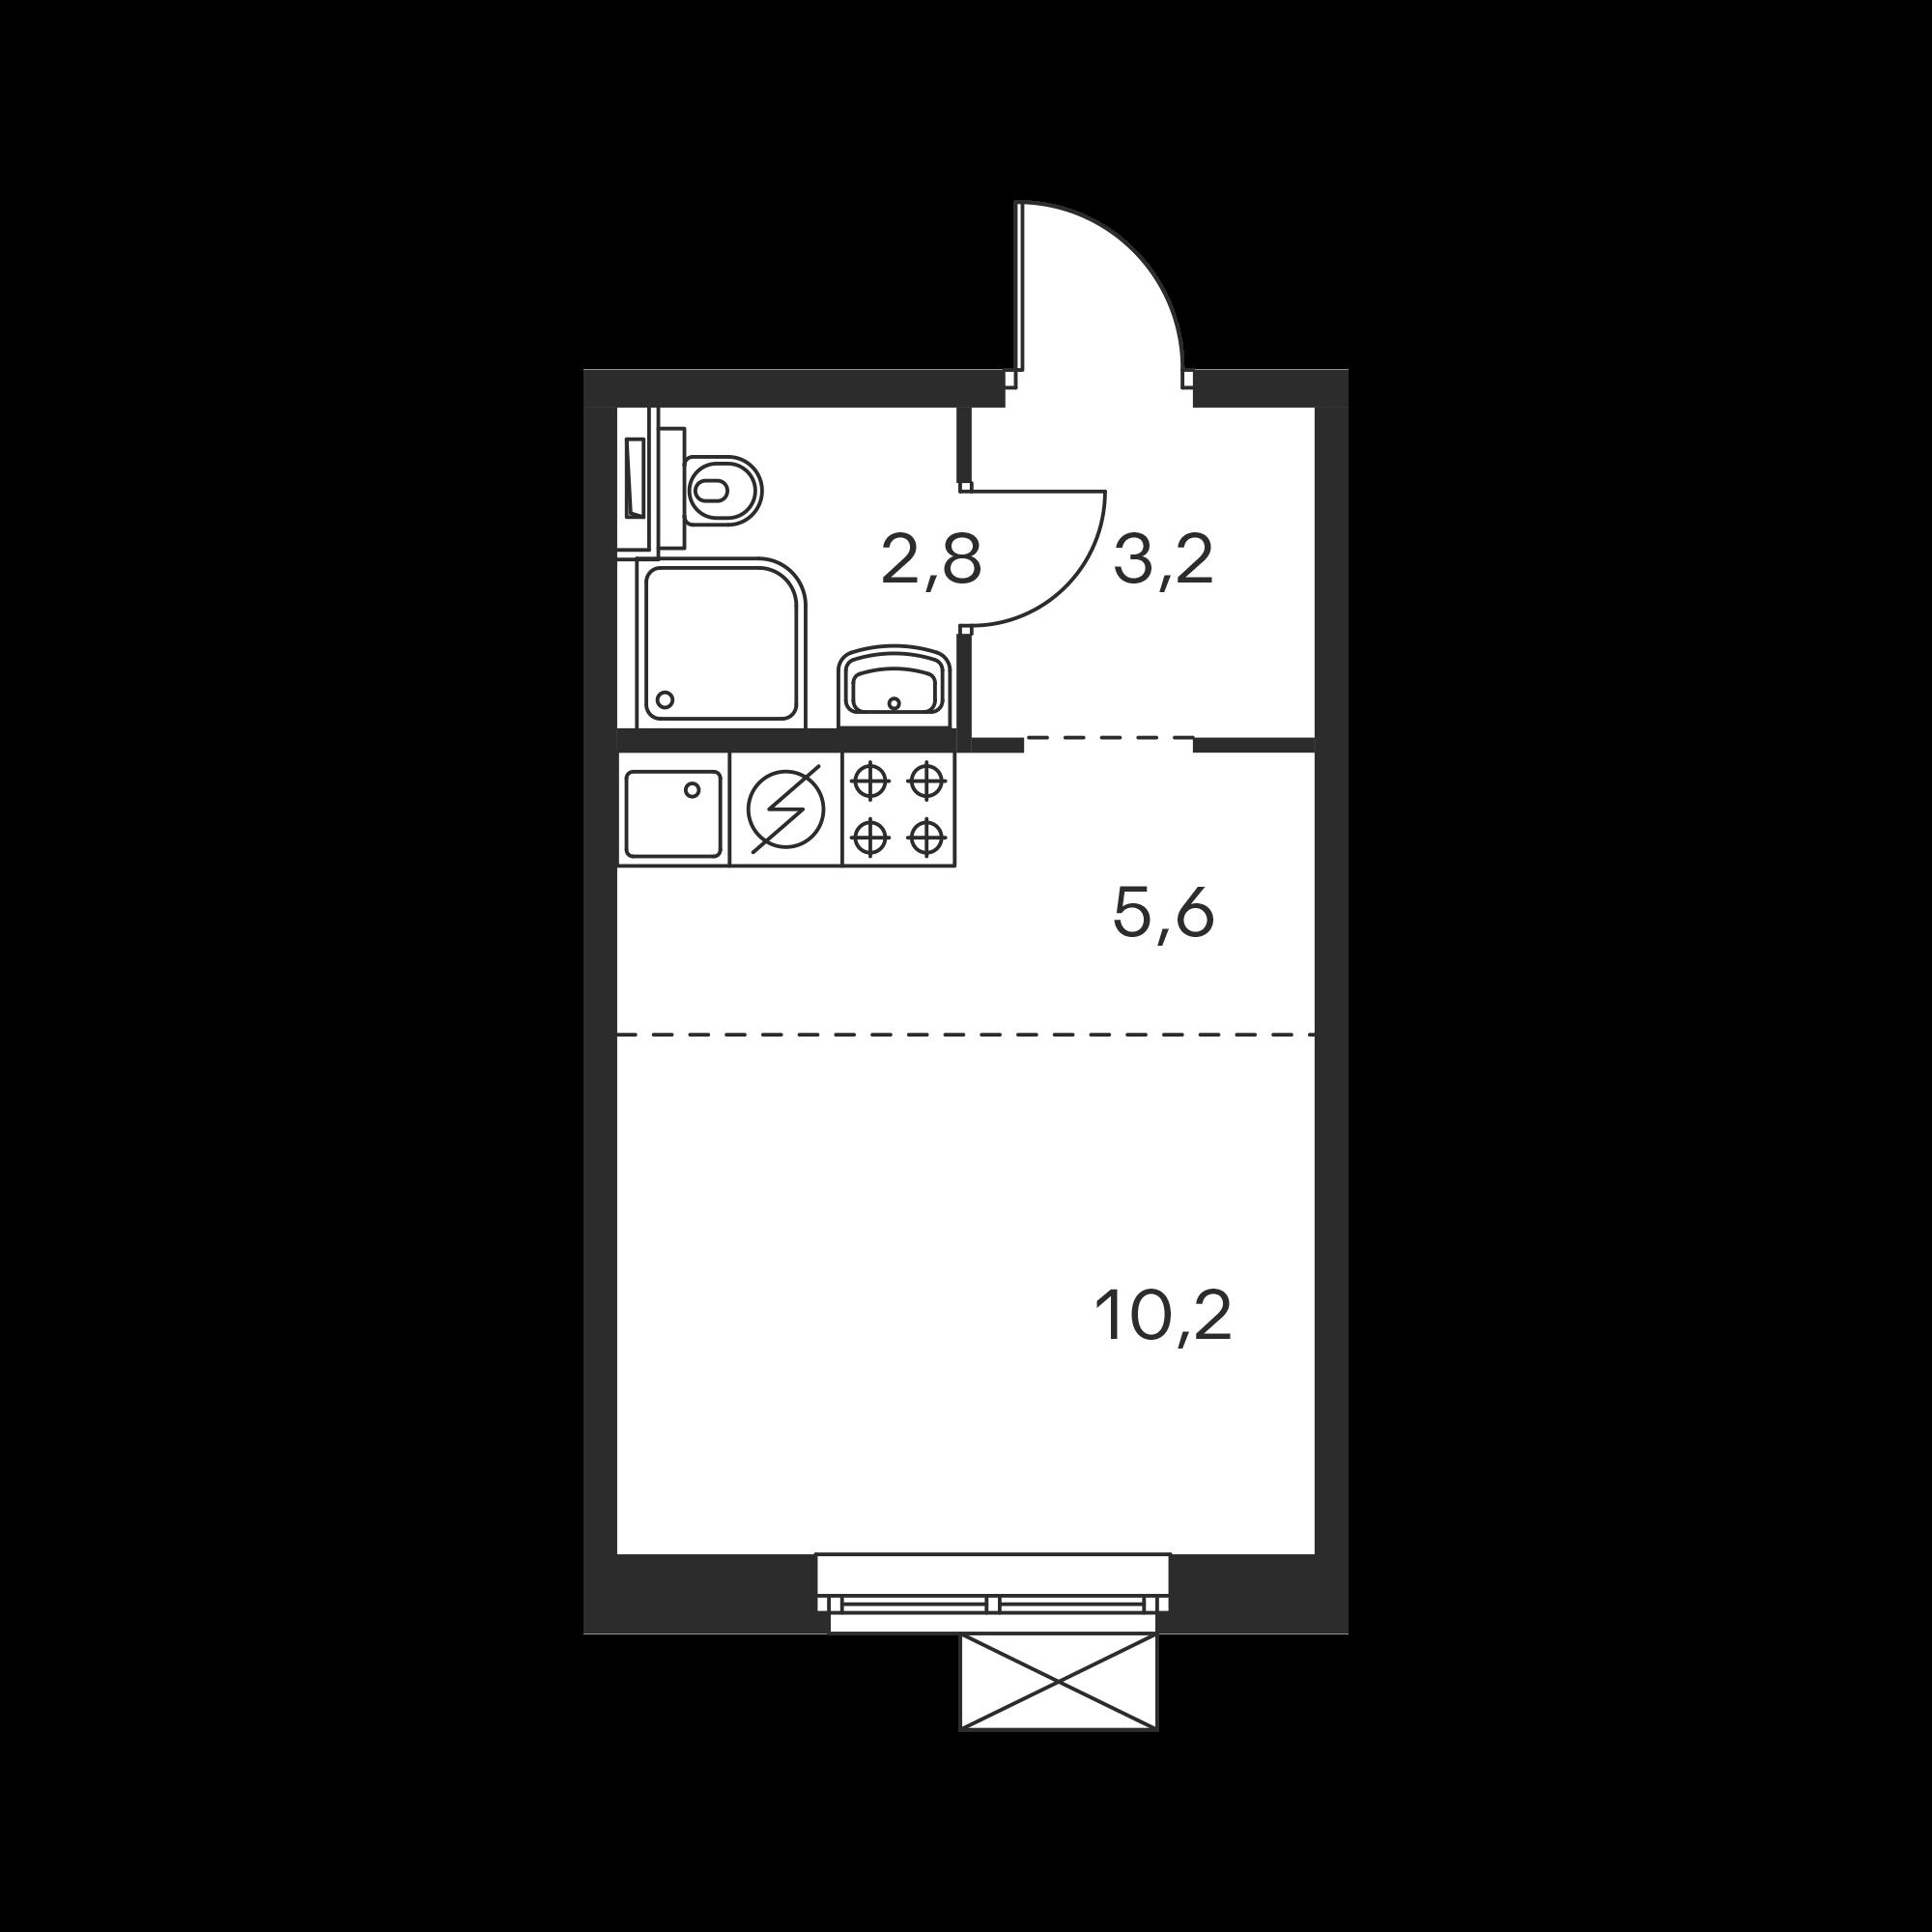 1NS1_3.9-1_S_Z-6